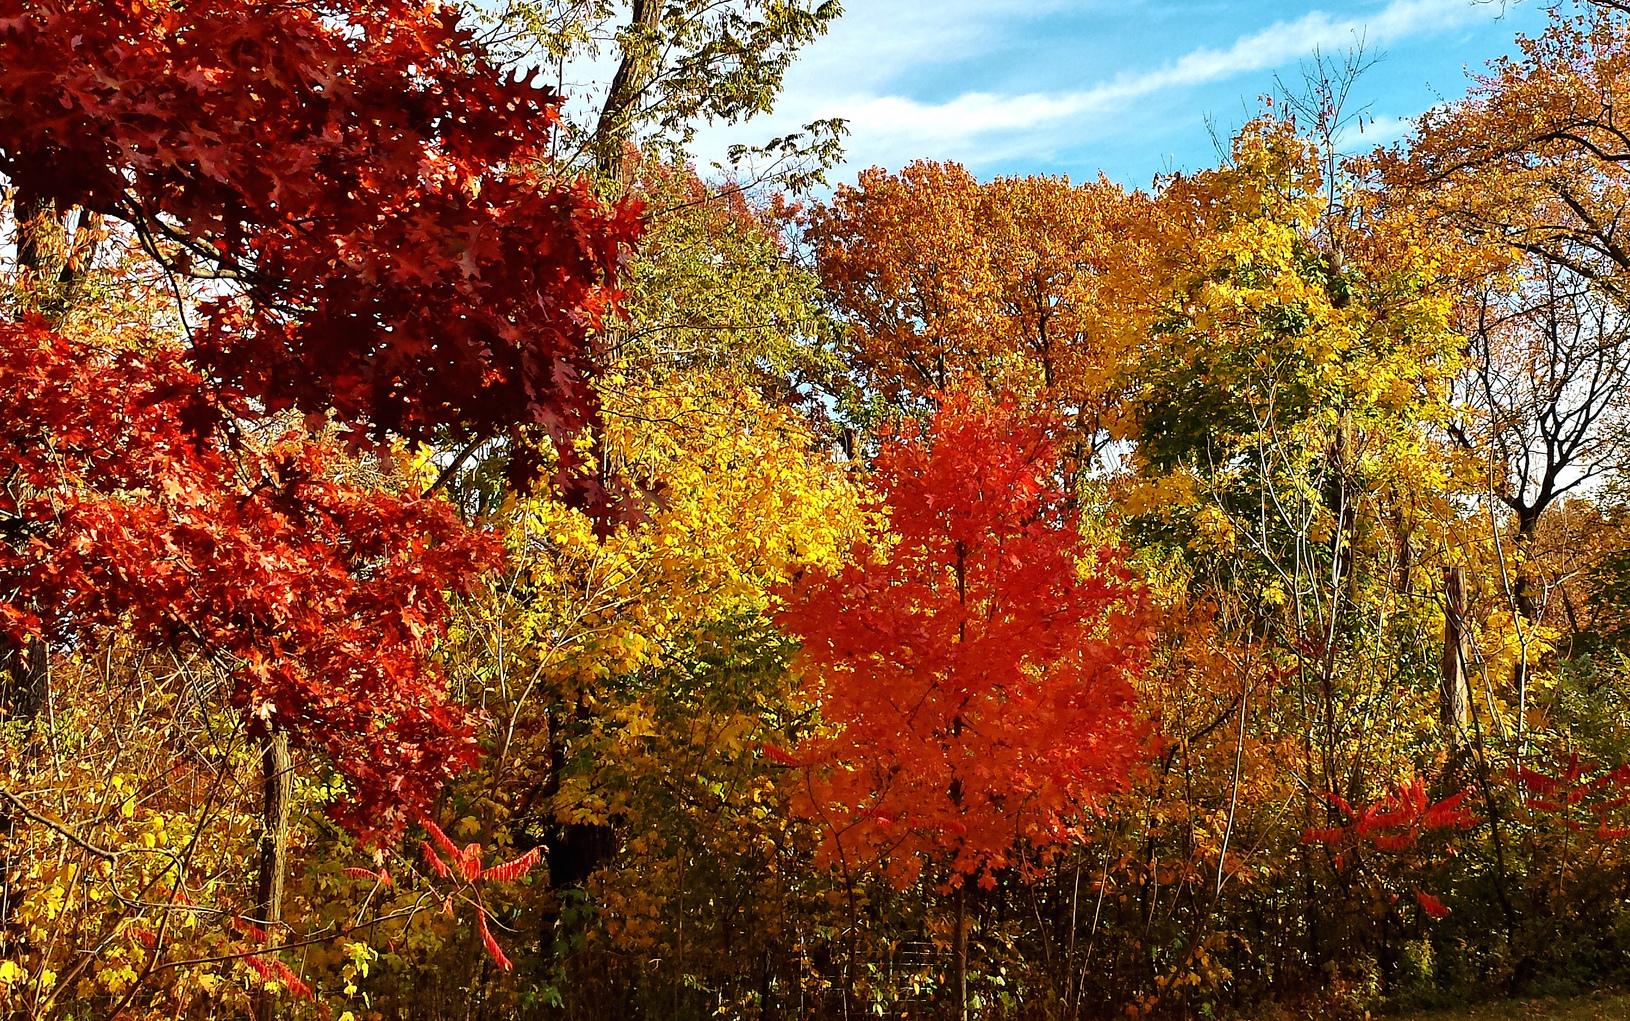 Randall's Island is hosting free foliage walks this fall